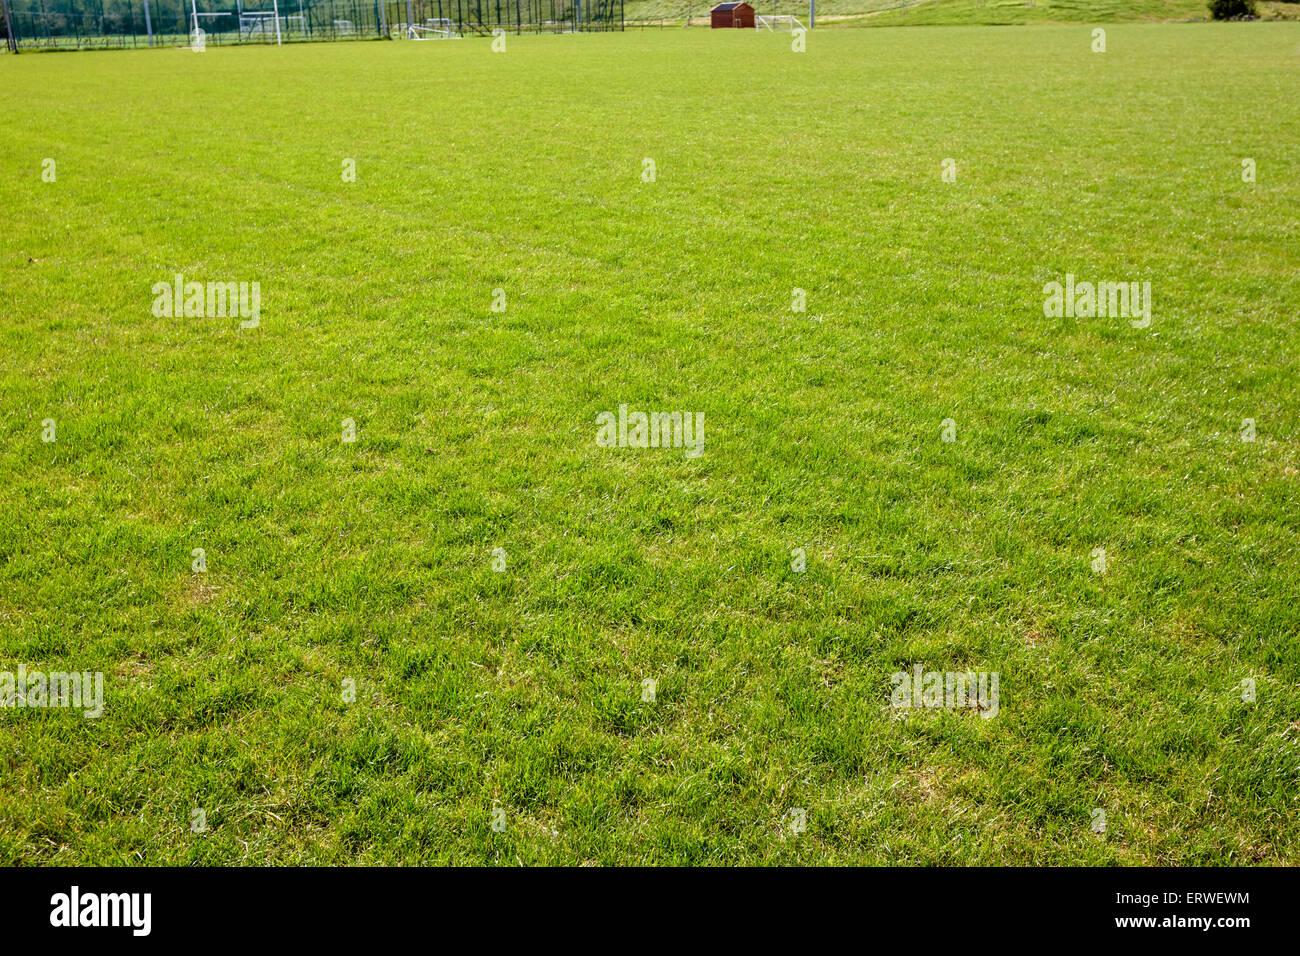 Erba verde sul campo da gioco campo sportivo contea di Monaghan Repubblica di Irlanda Foto Stock